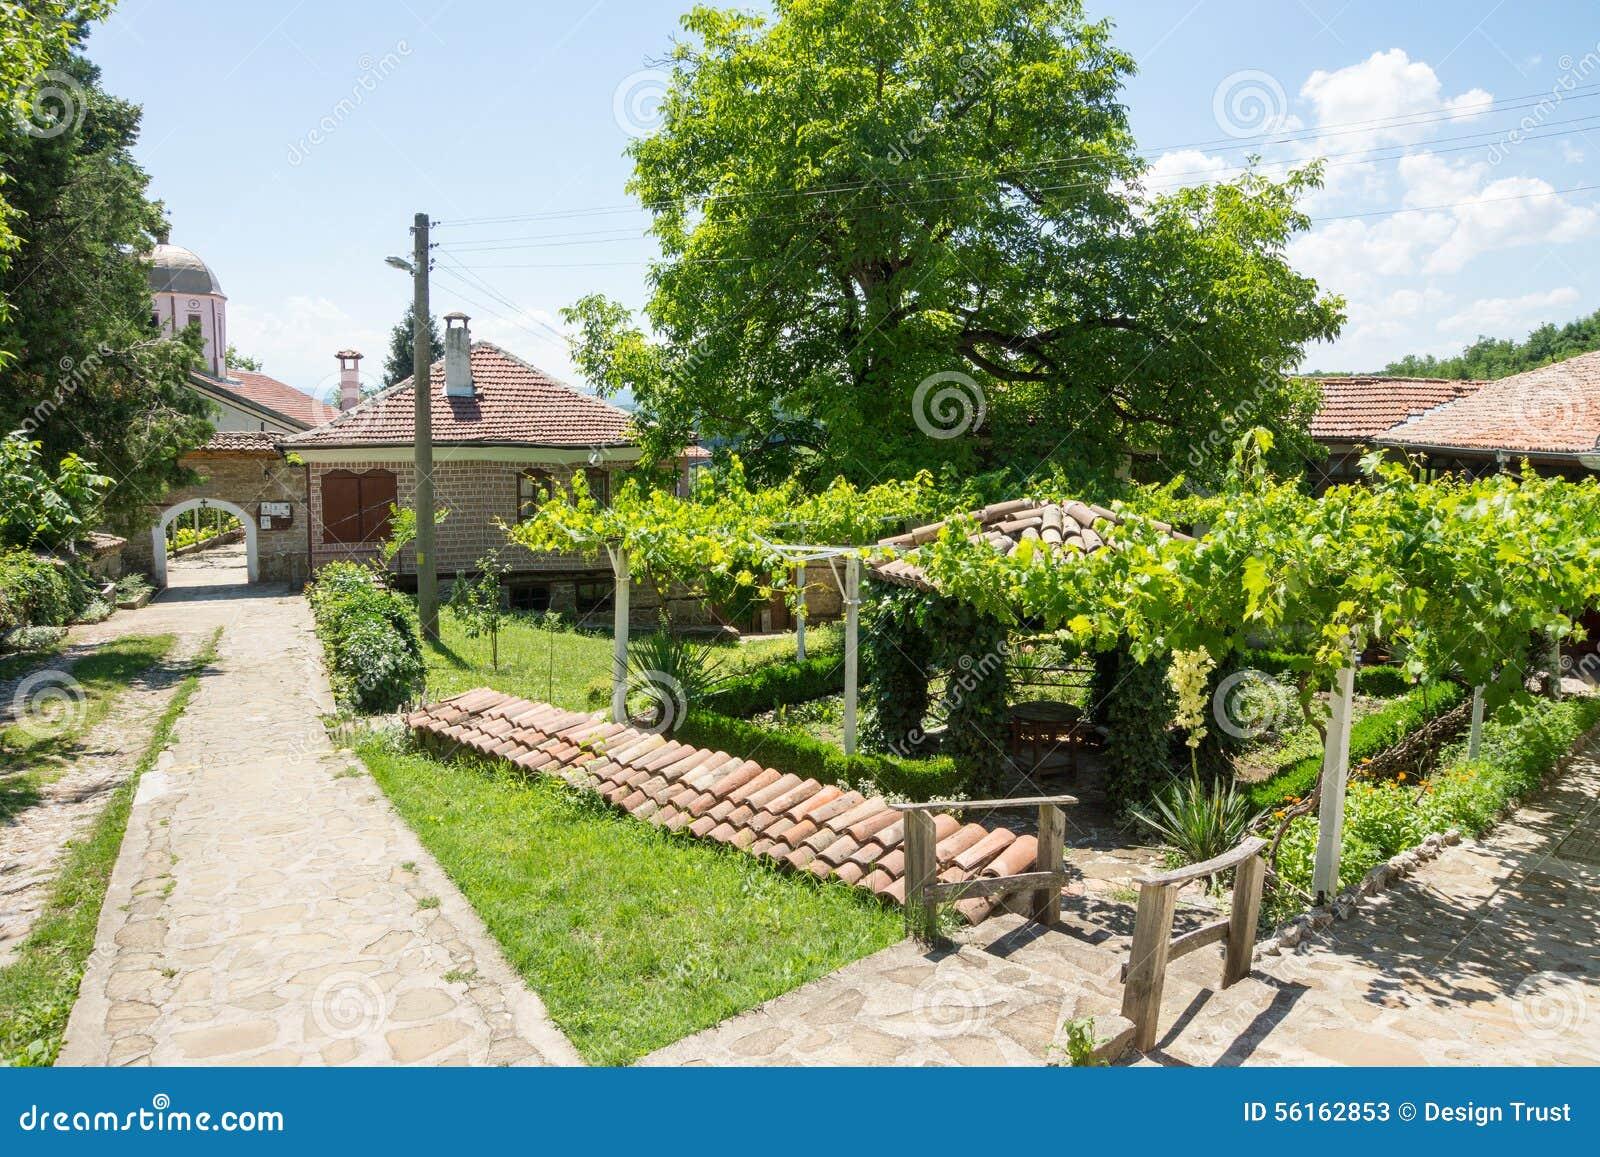 葡萄园在圣尼古拉斯修道院里